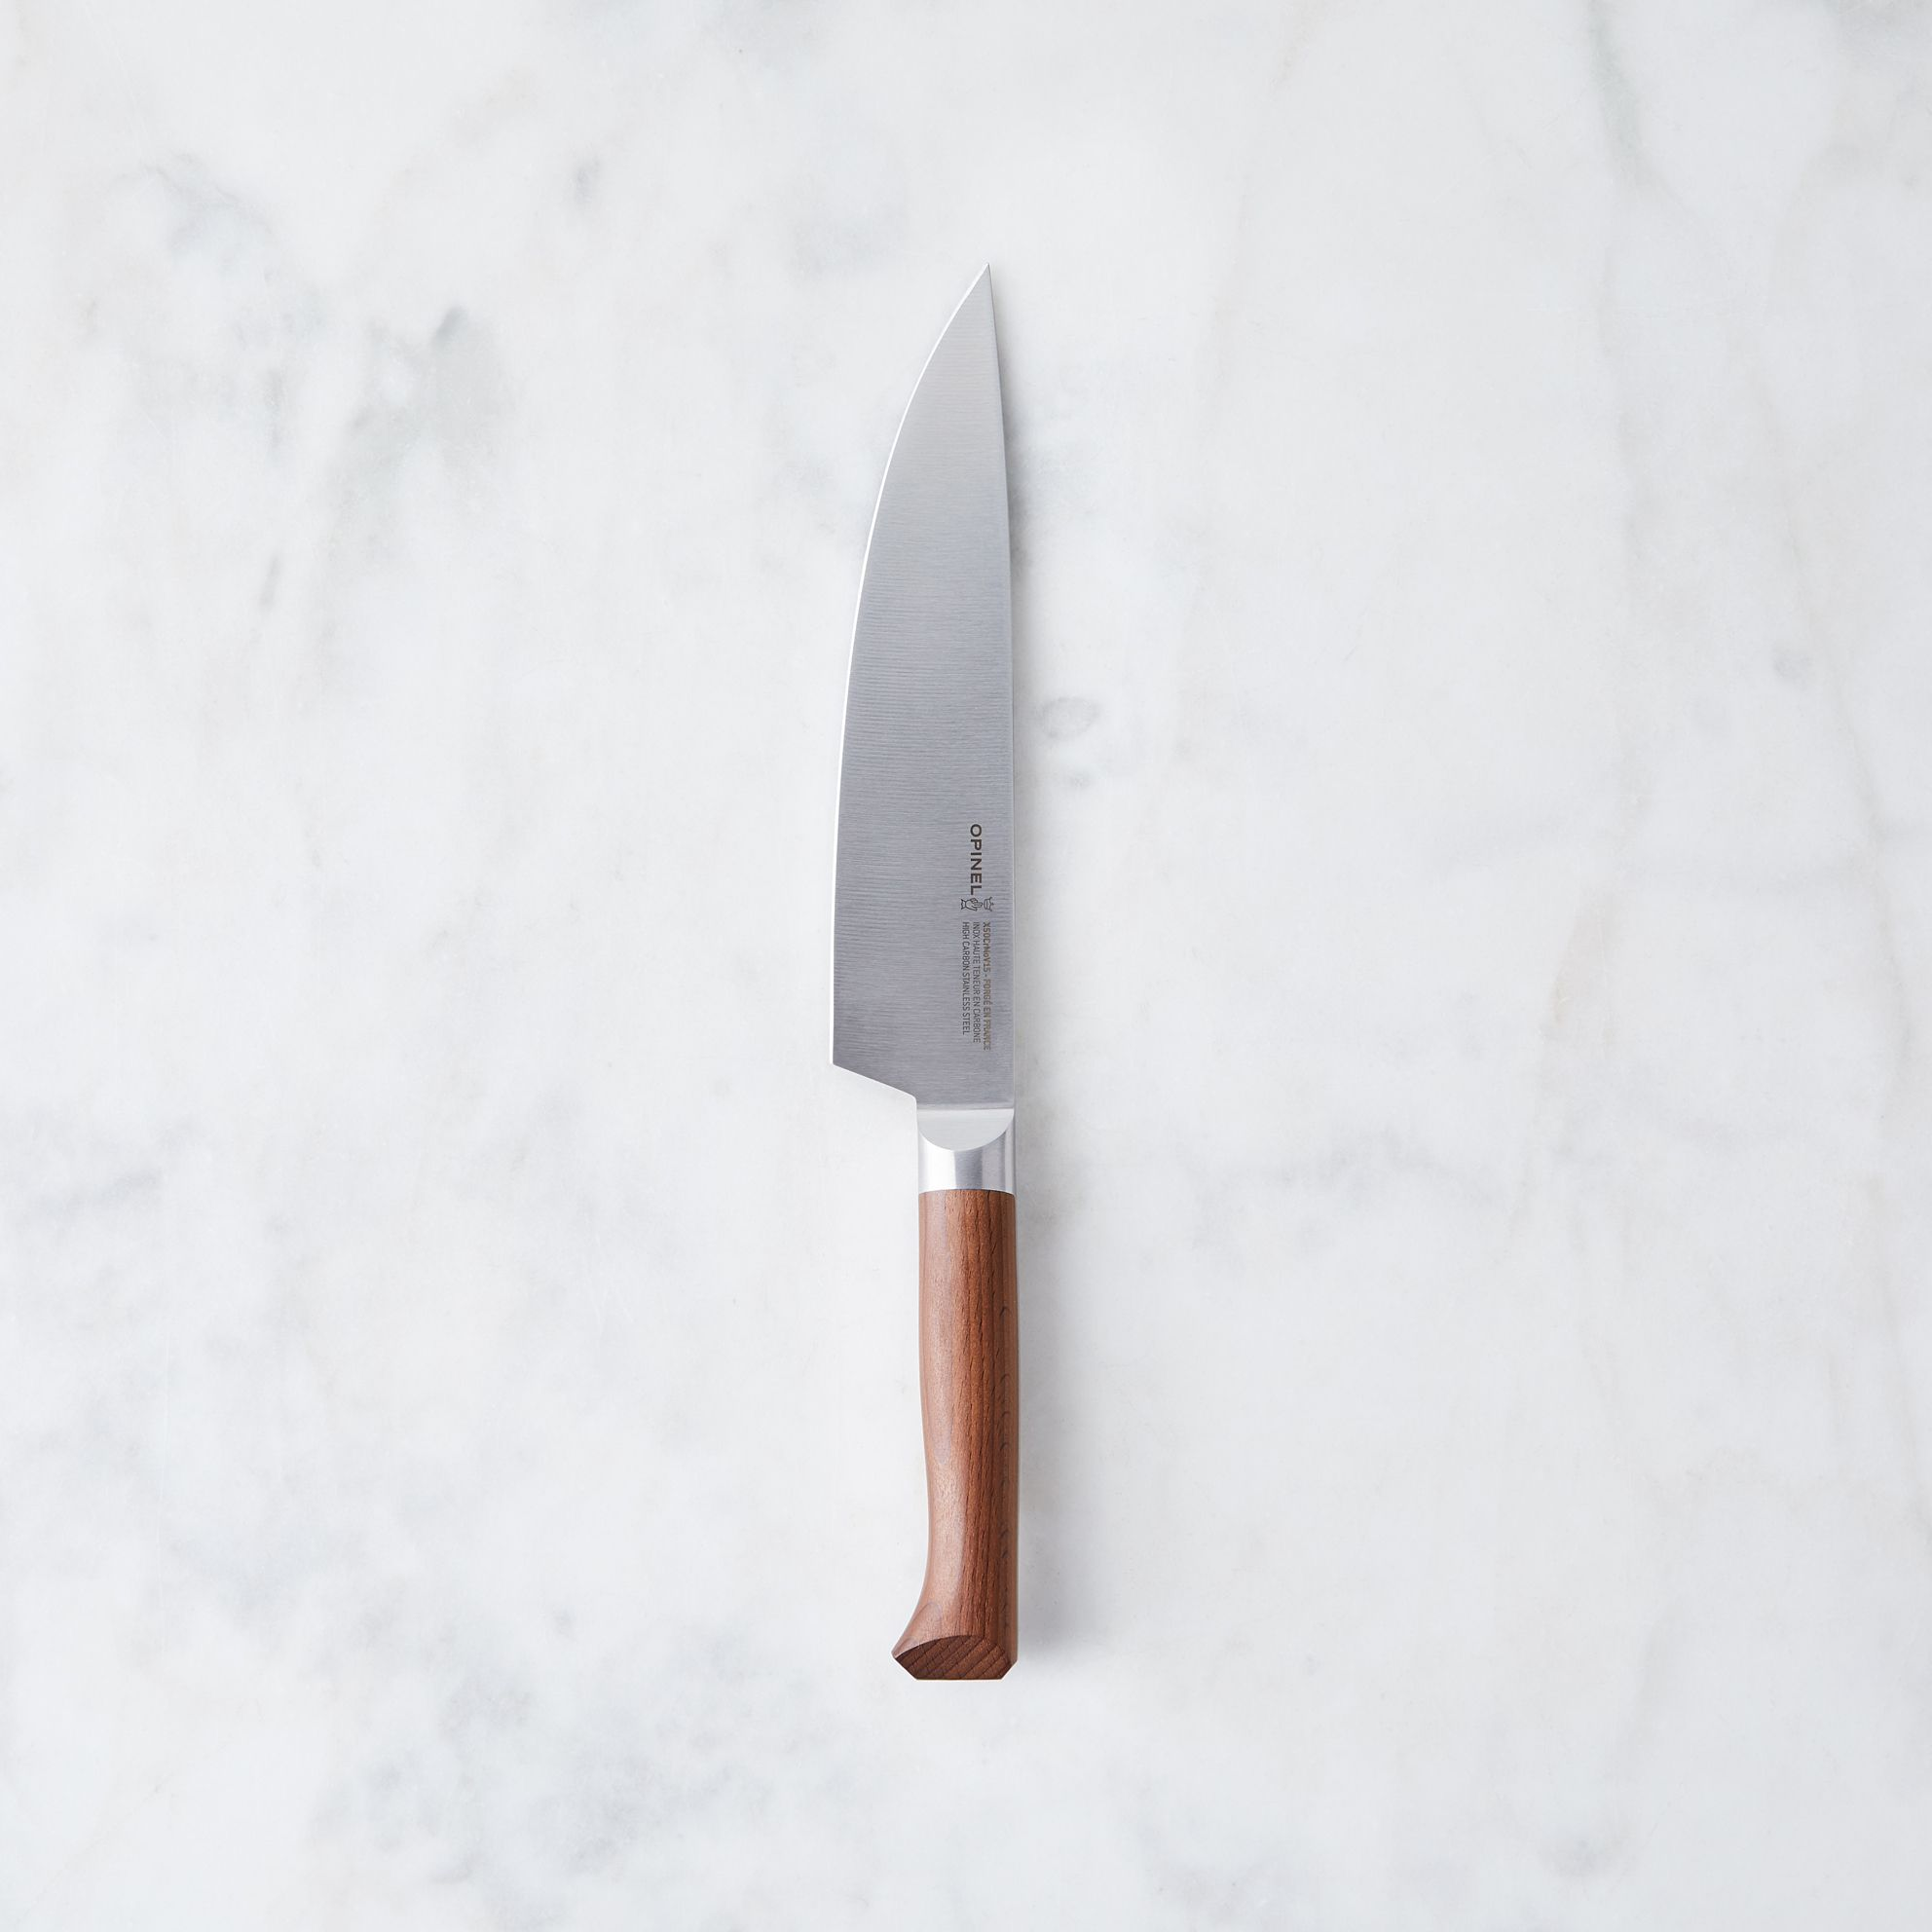 Kitchen tools by Caroline Briggs